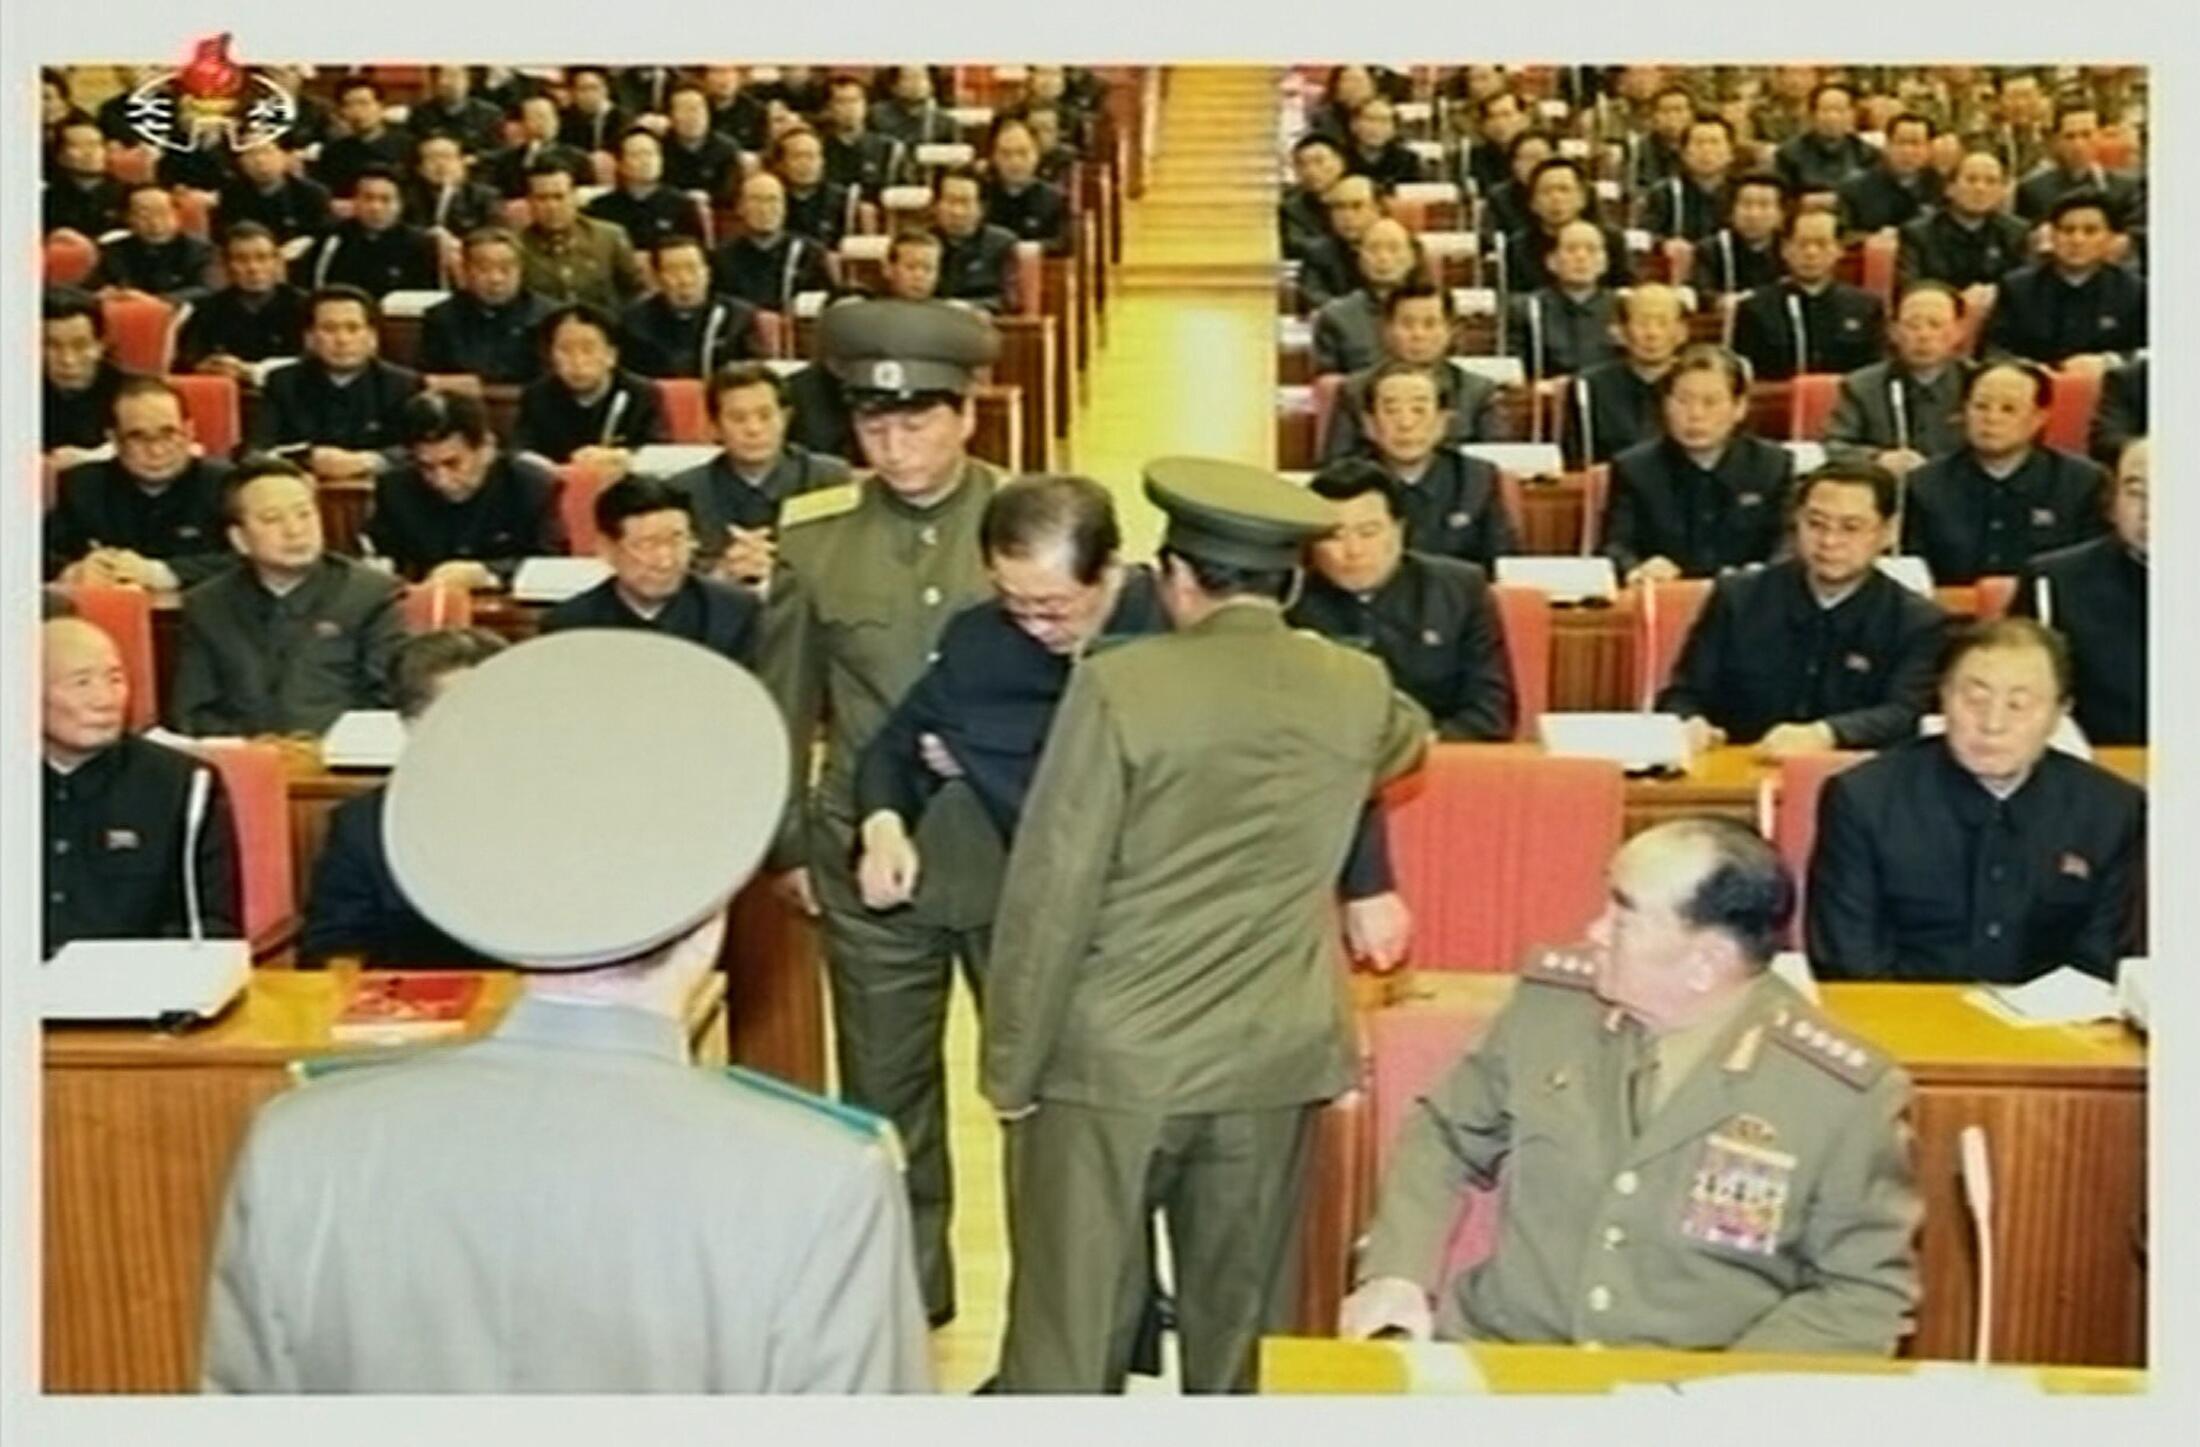 Ảnh chụp lại từ truyền hình Nhà nước Bắc Triều Tiên hôm 09/12/2013, cho thấy cảnh ông Jang Song Thaek bị bắt ngay tại cuộc họp Bộ Chính trị ở Bình Nhưỡng.